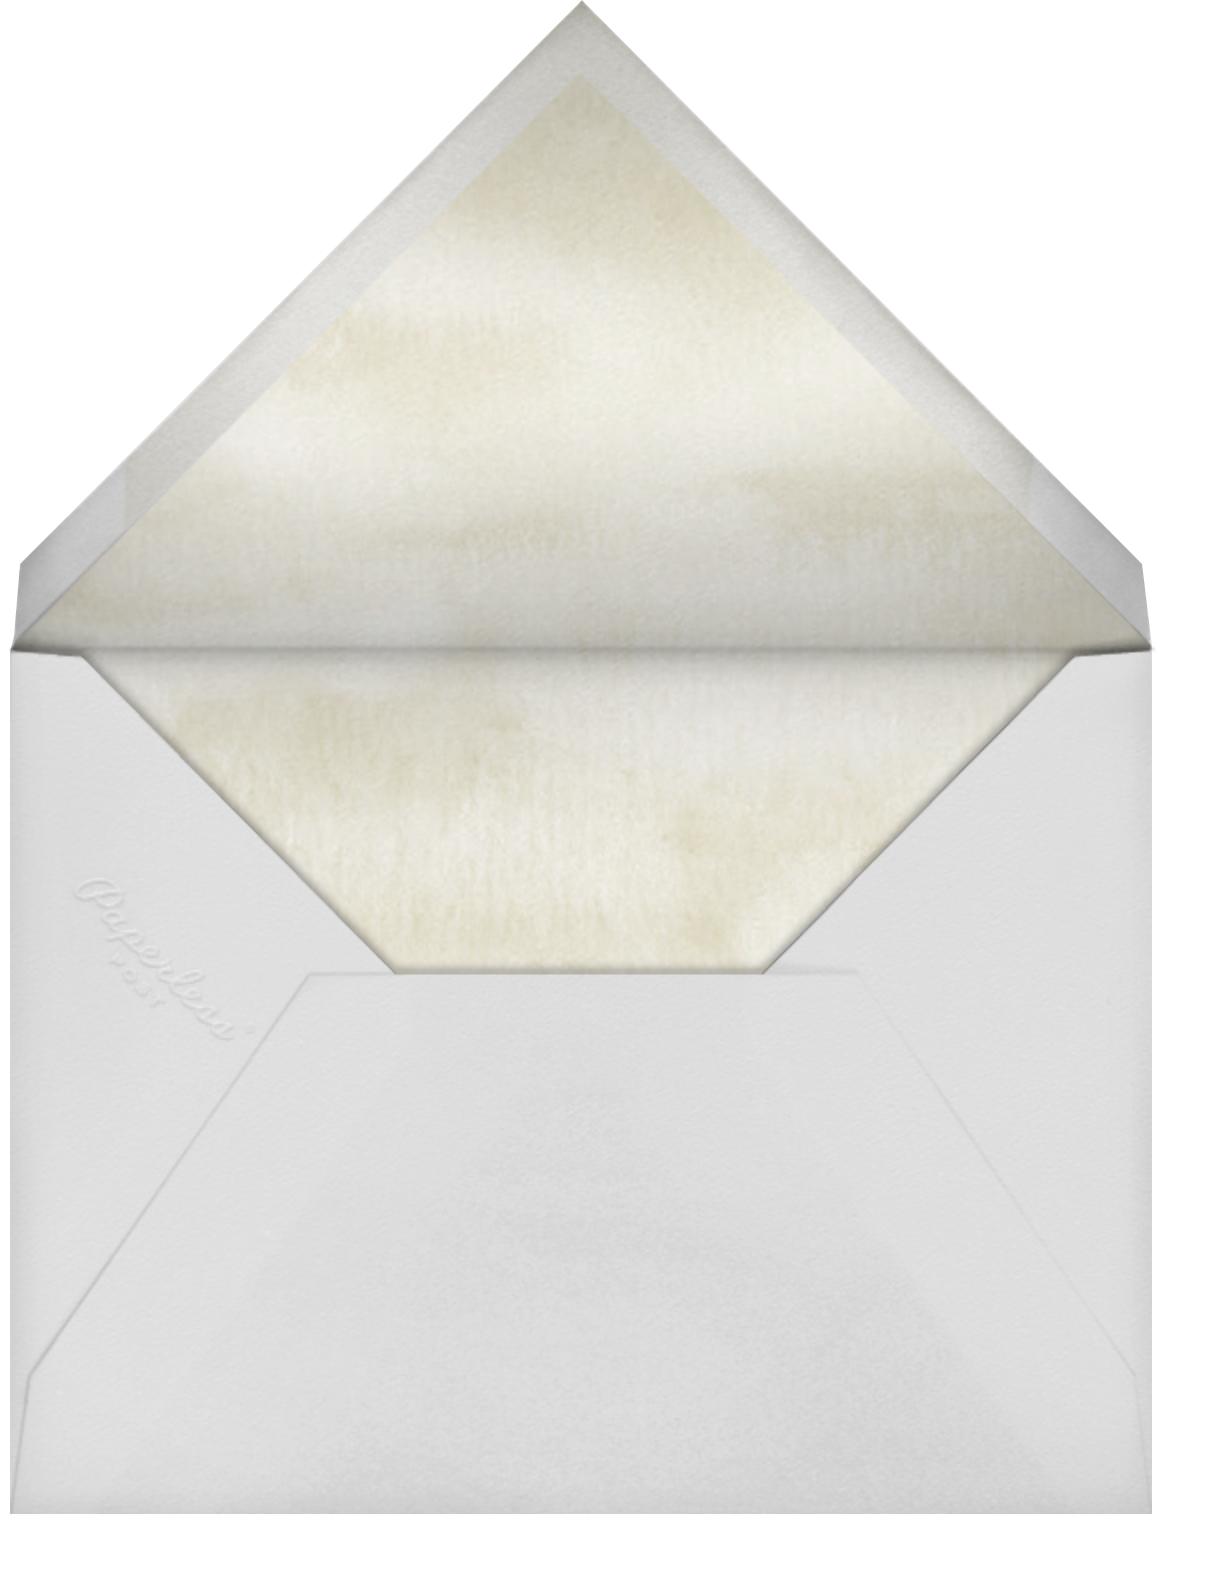 Lemon Leaves - Paper Source - Summer entertaining - envelope back